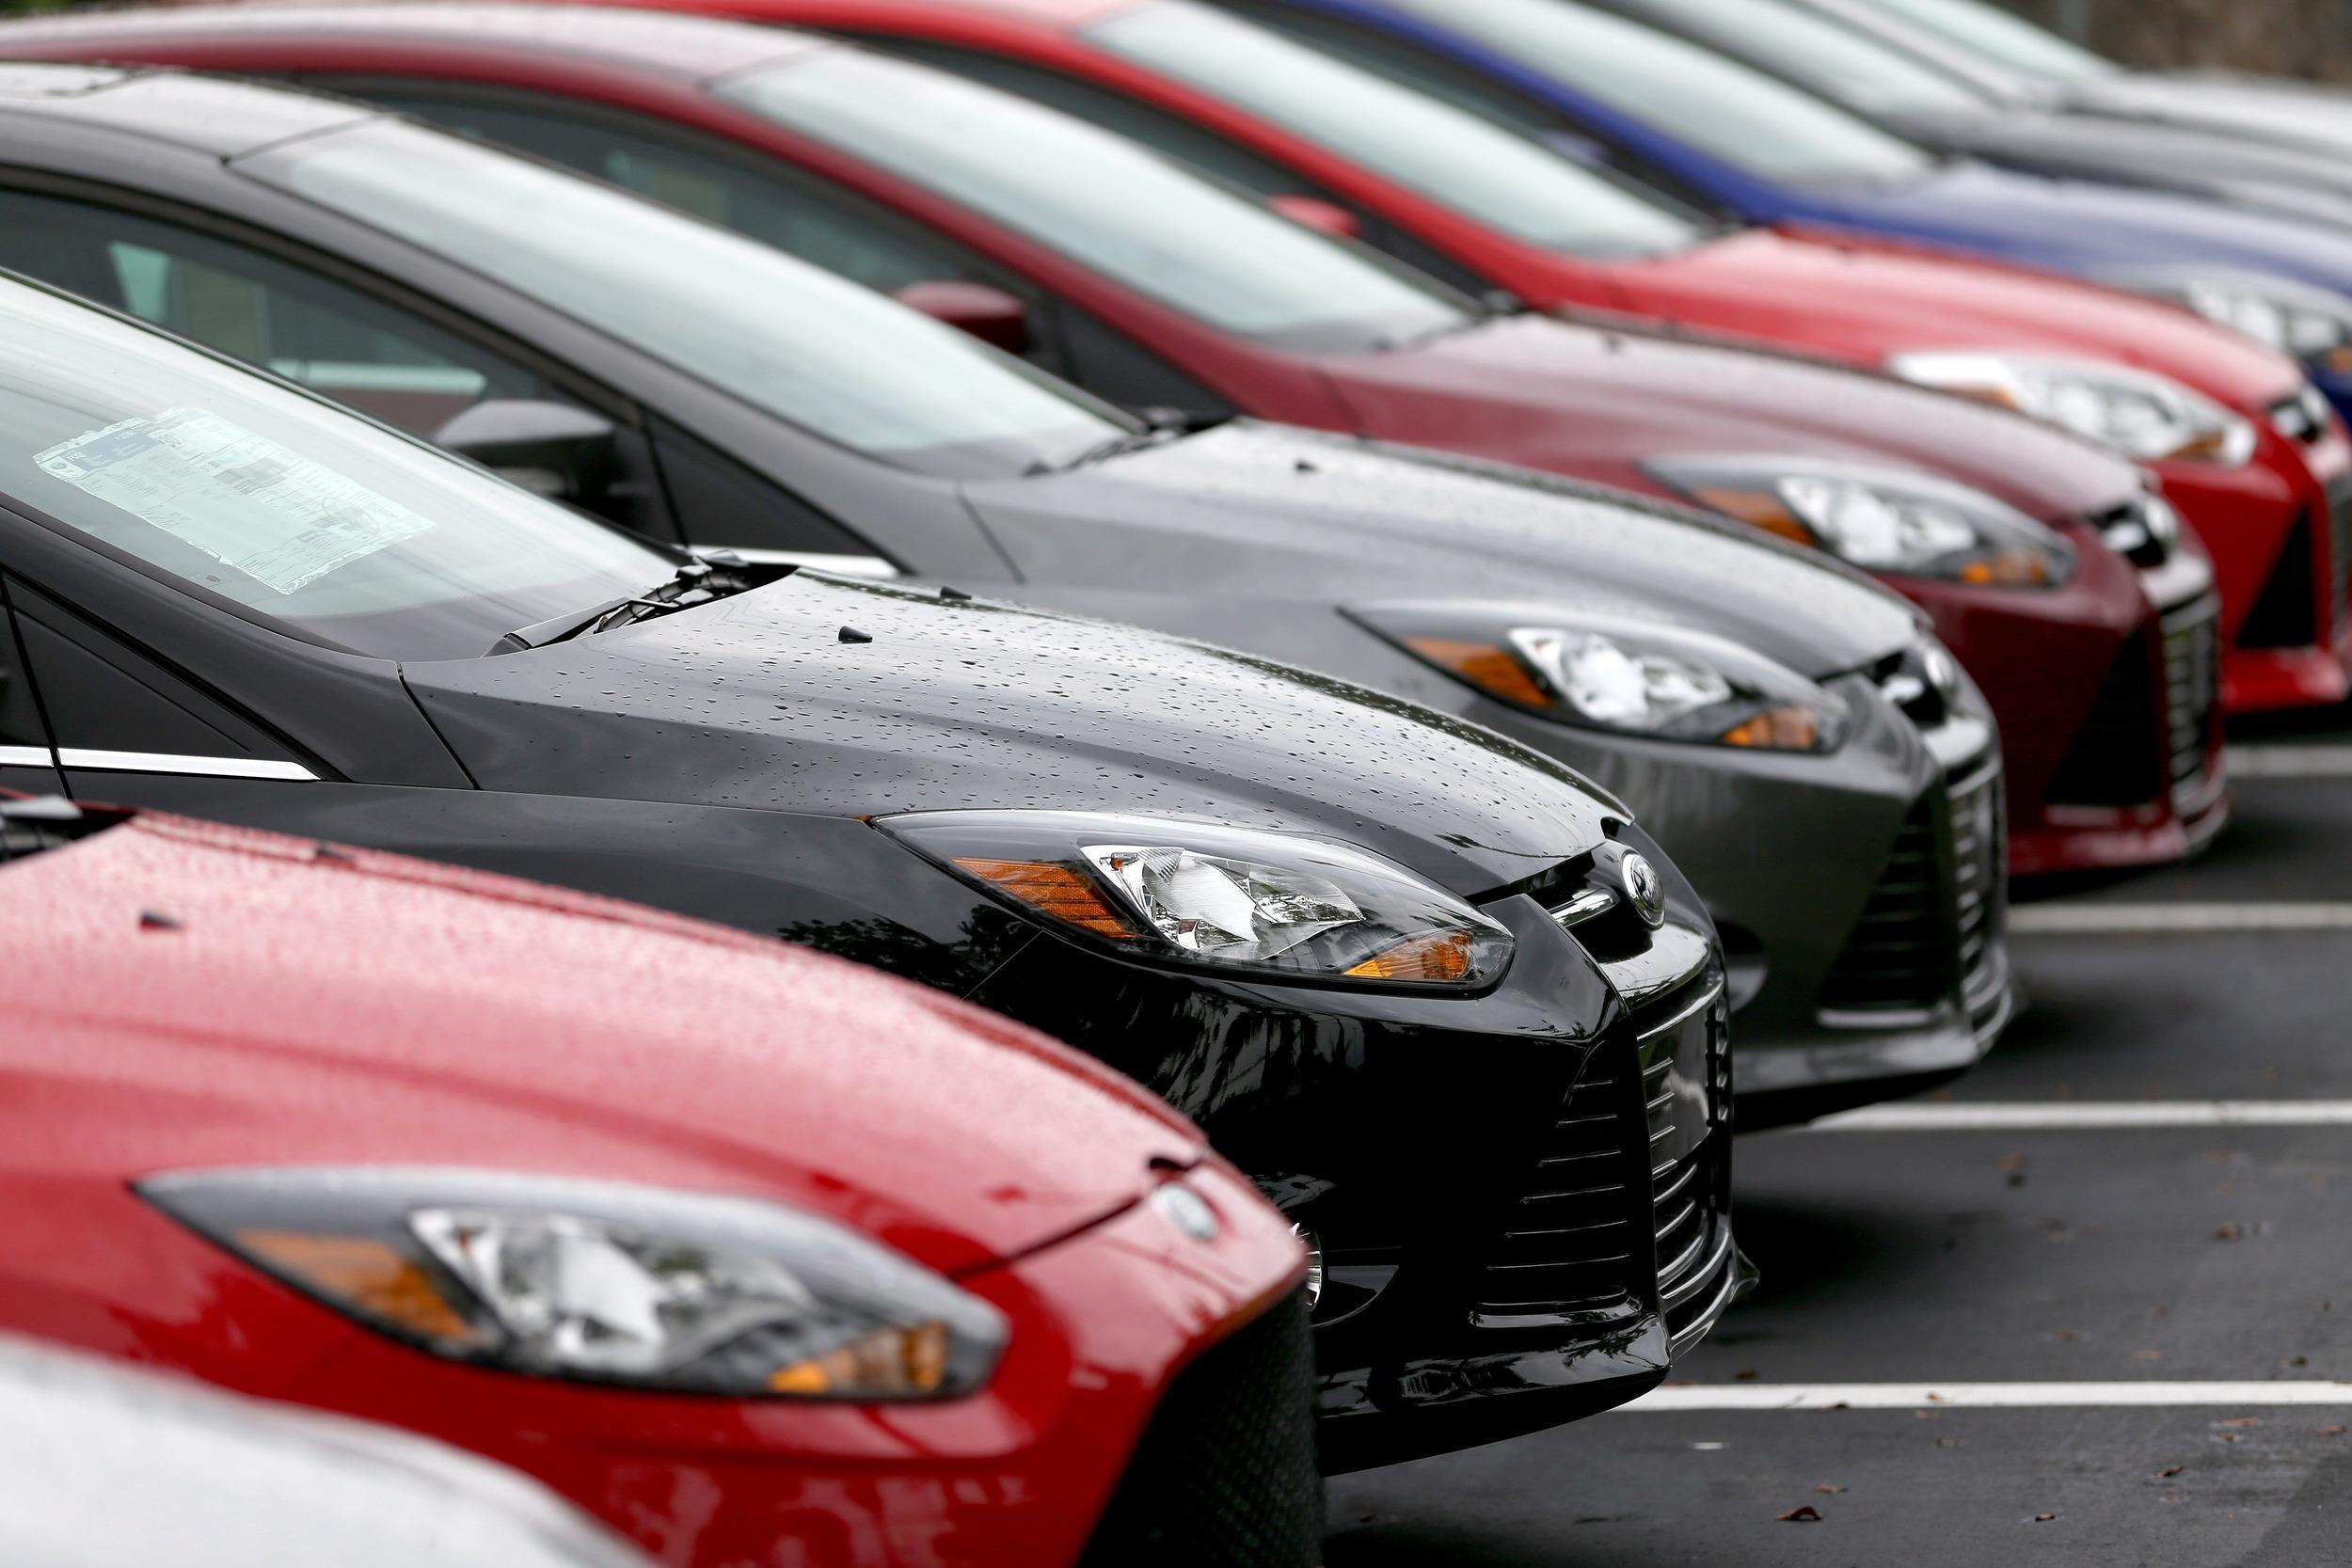 & Ford Focus Takes Honors (Again) As Worldu0027s Top-Selling Car - NBC News markmcfarlin.com